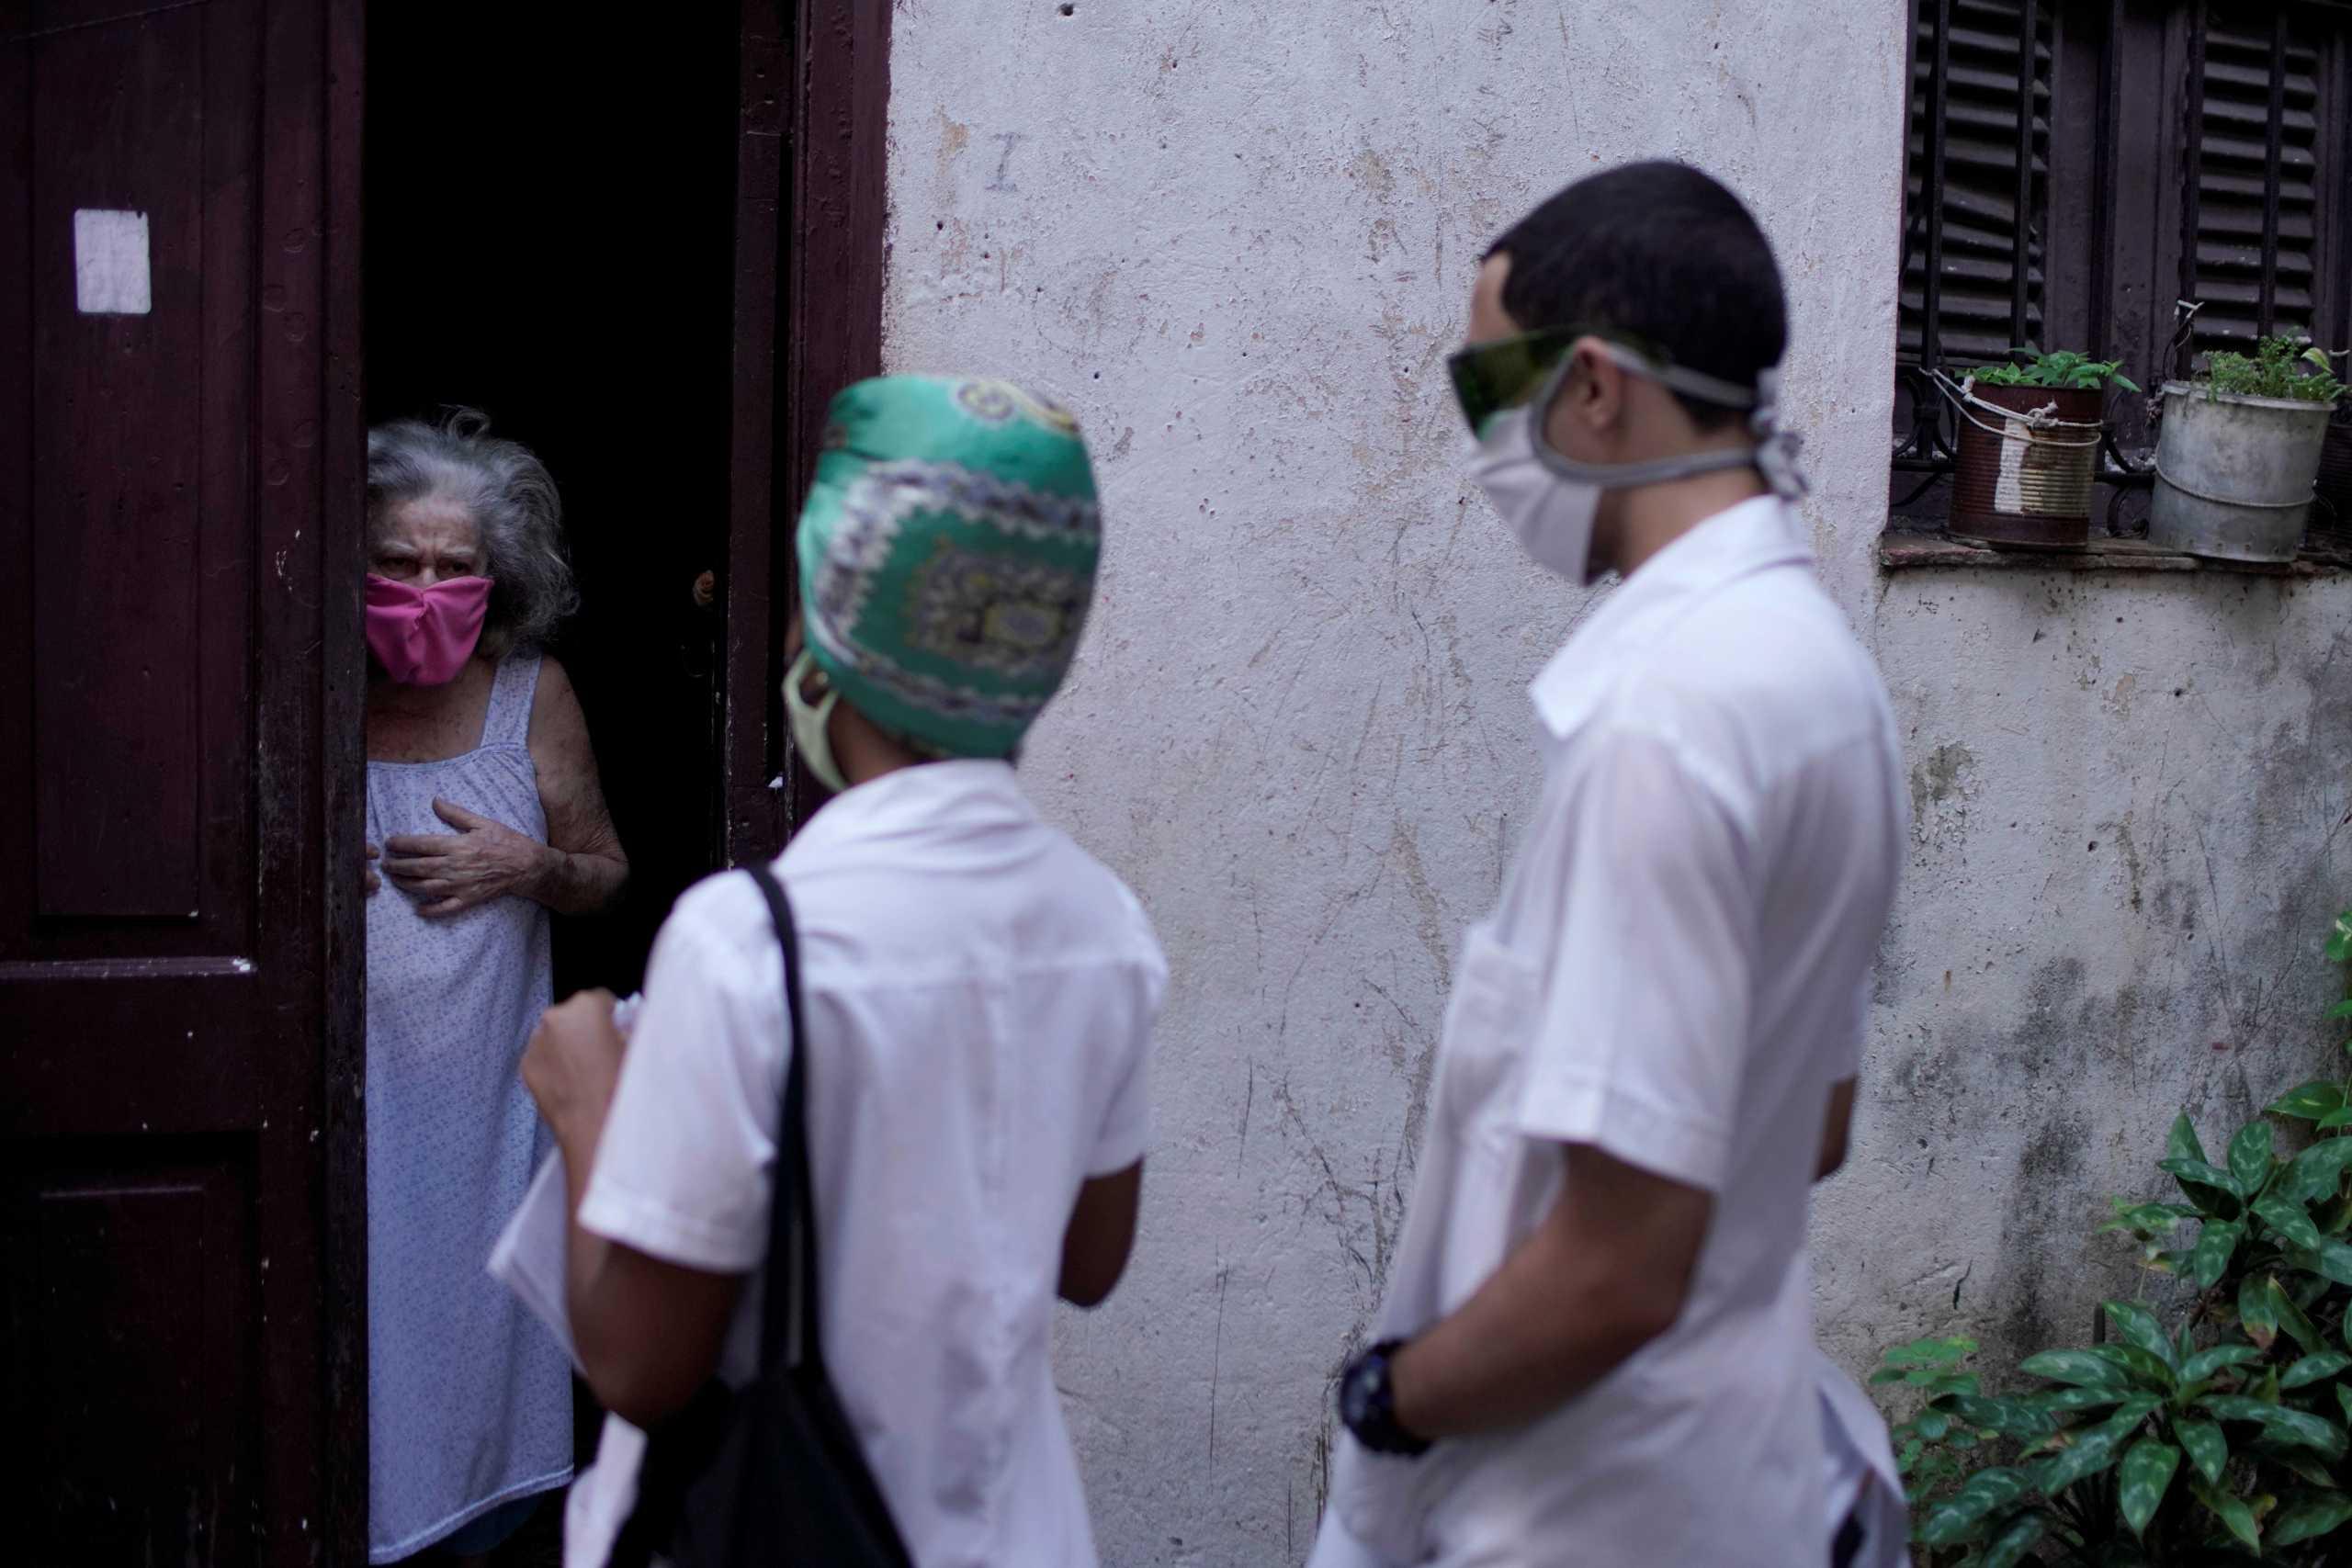 Κούβα: Τραγικό ρεκόρ θανάτων από κορονοϊό για 2η ημέρα